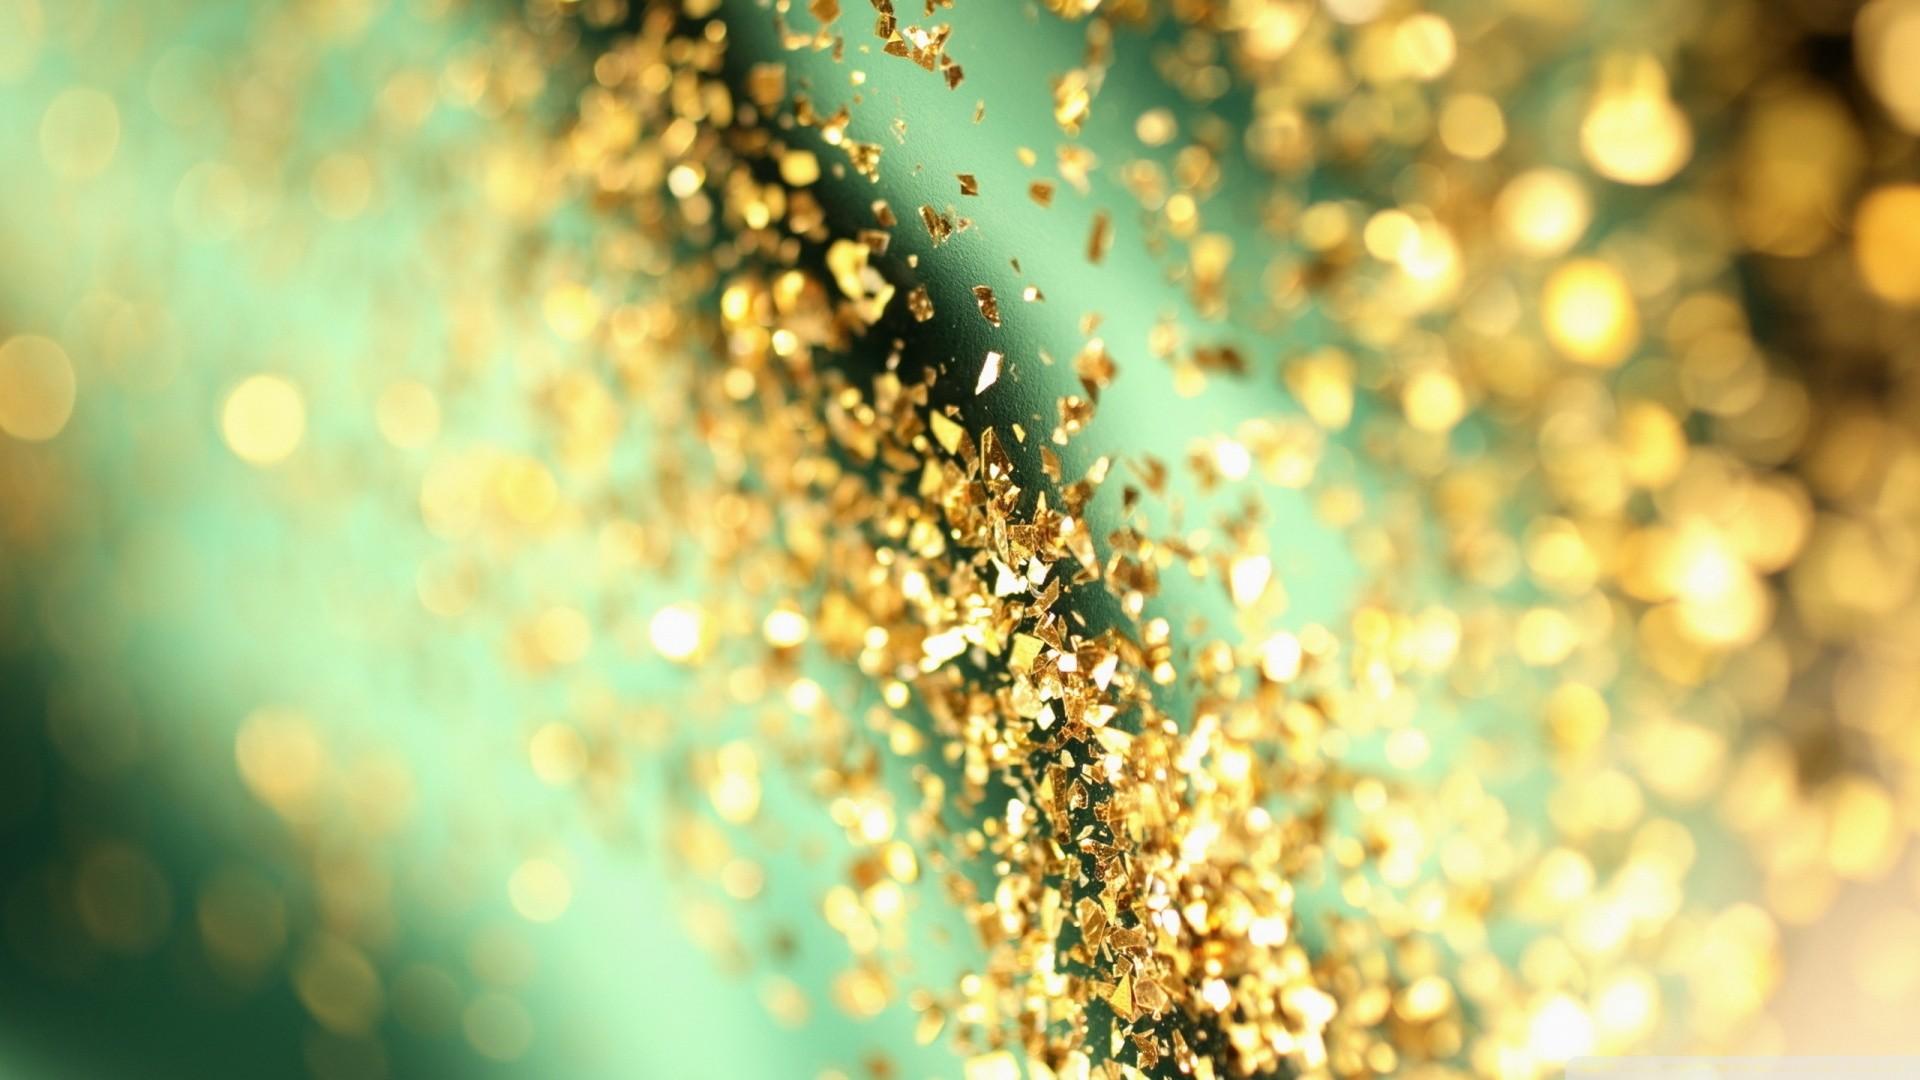 Gold Glitter Wallpaper For Desktop